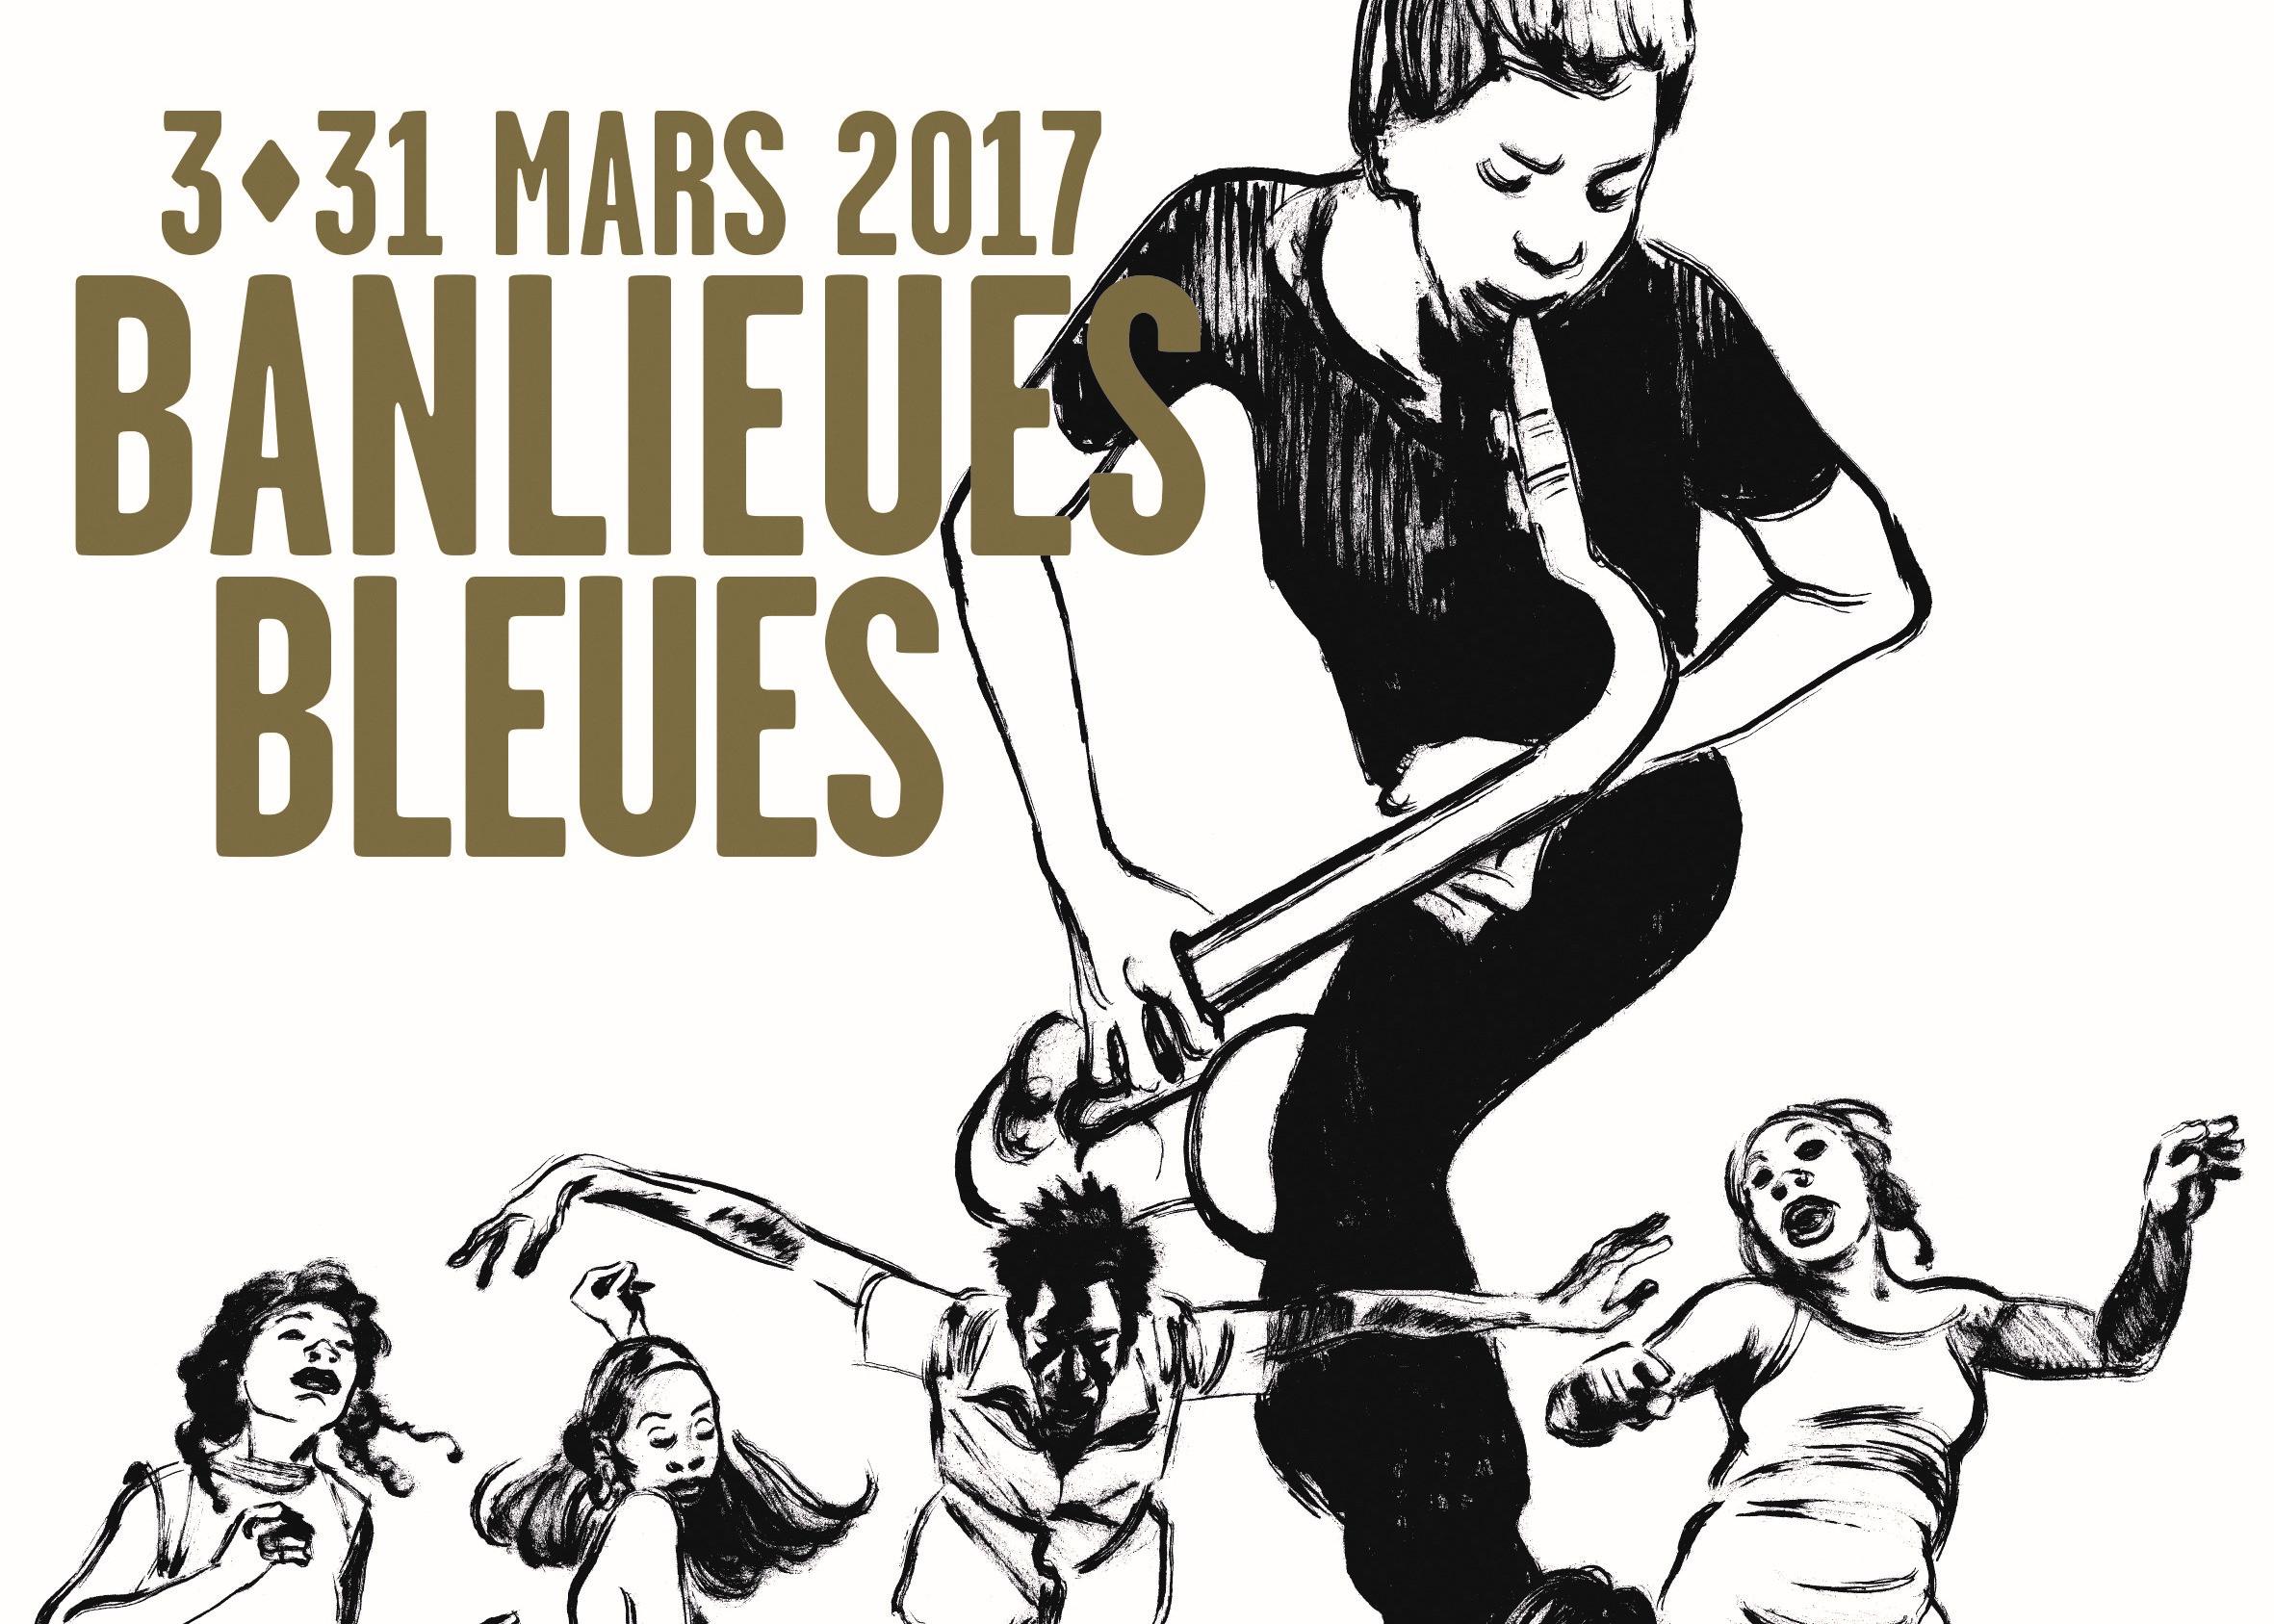 Le Festival Banlieues Bleues traverse toutes les formes de jazz possibles et imaginables